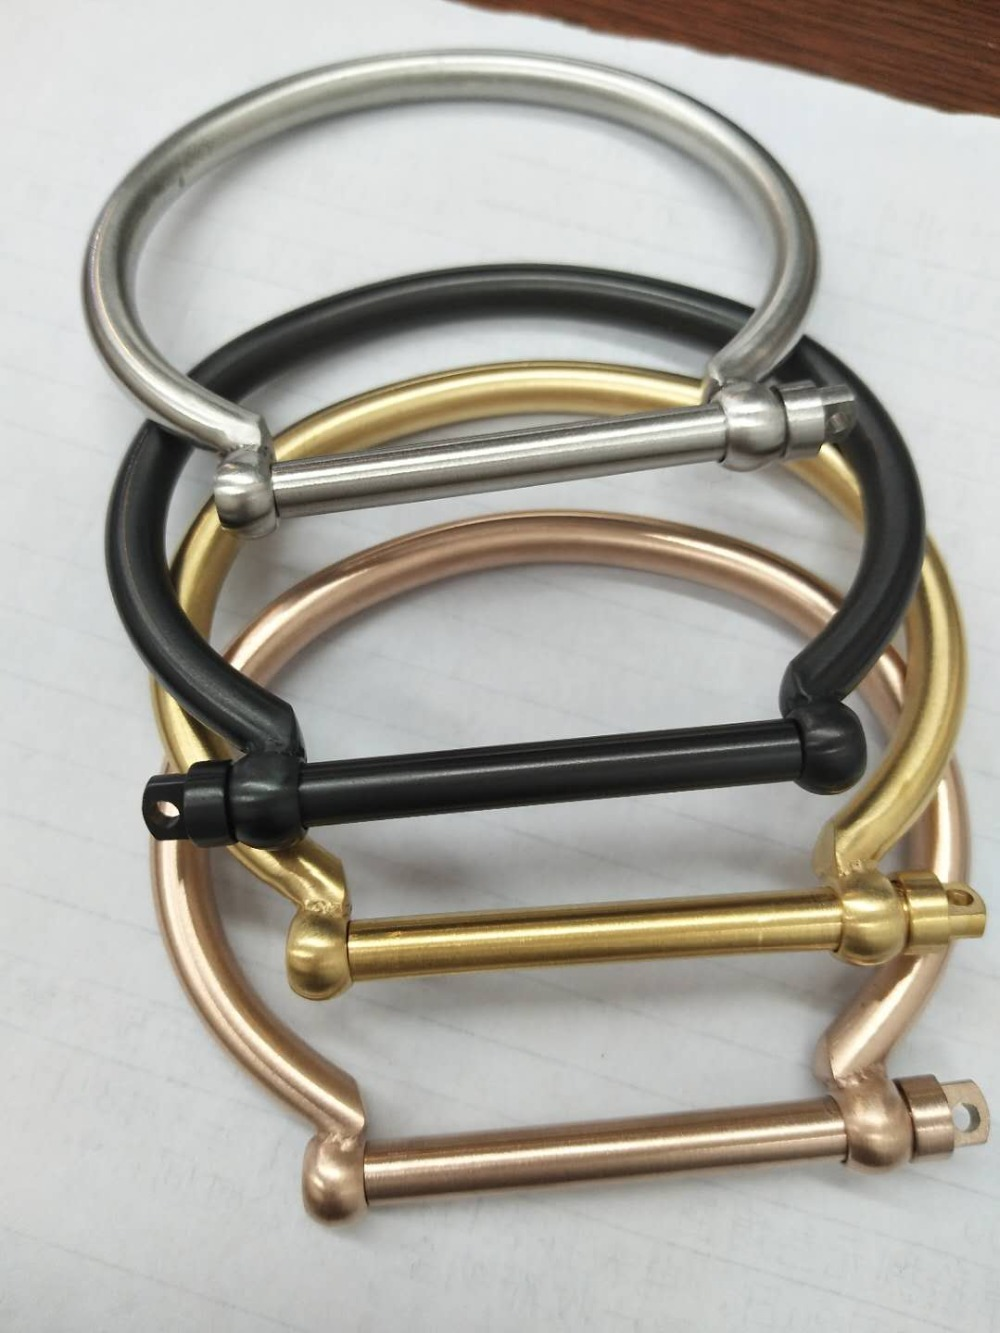 4colors divat rozsdamentes acél karkötők csavar csavar csat lovasbőr arany varázsa mandzsetta karkötők femme pulseira masculina